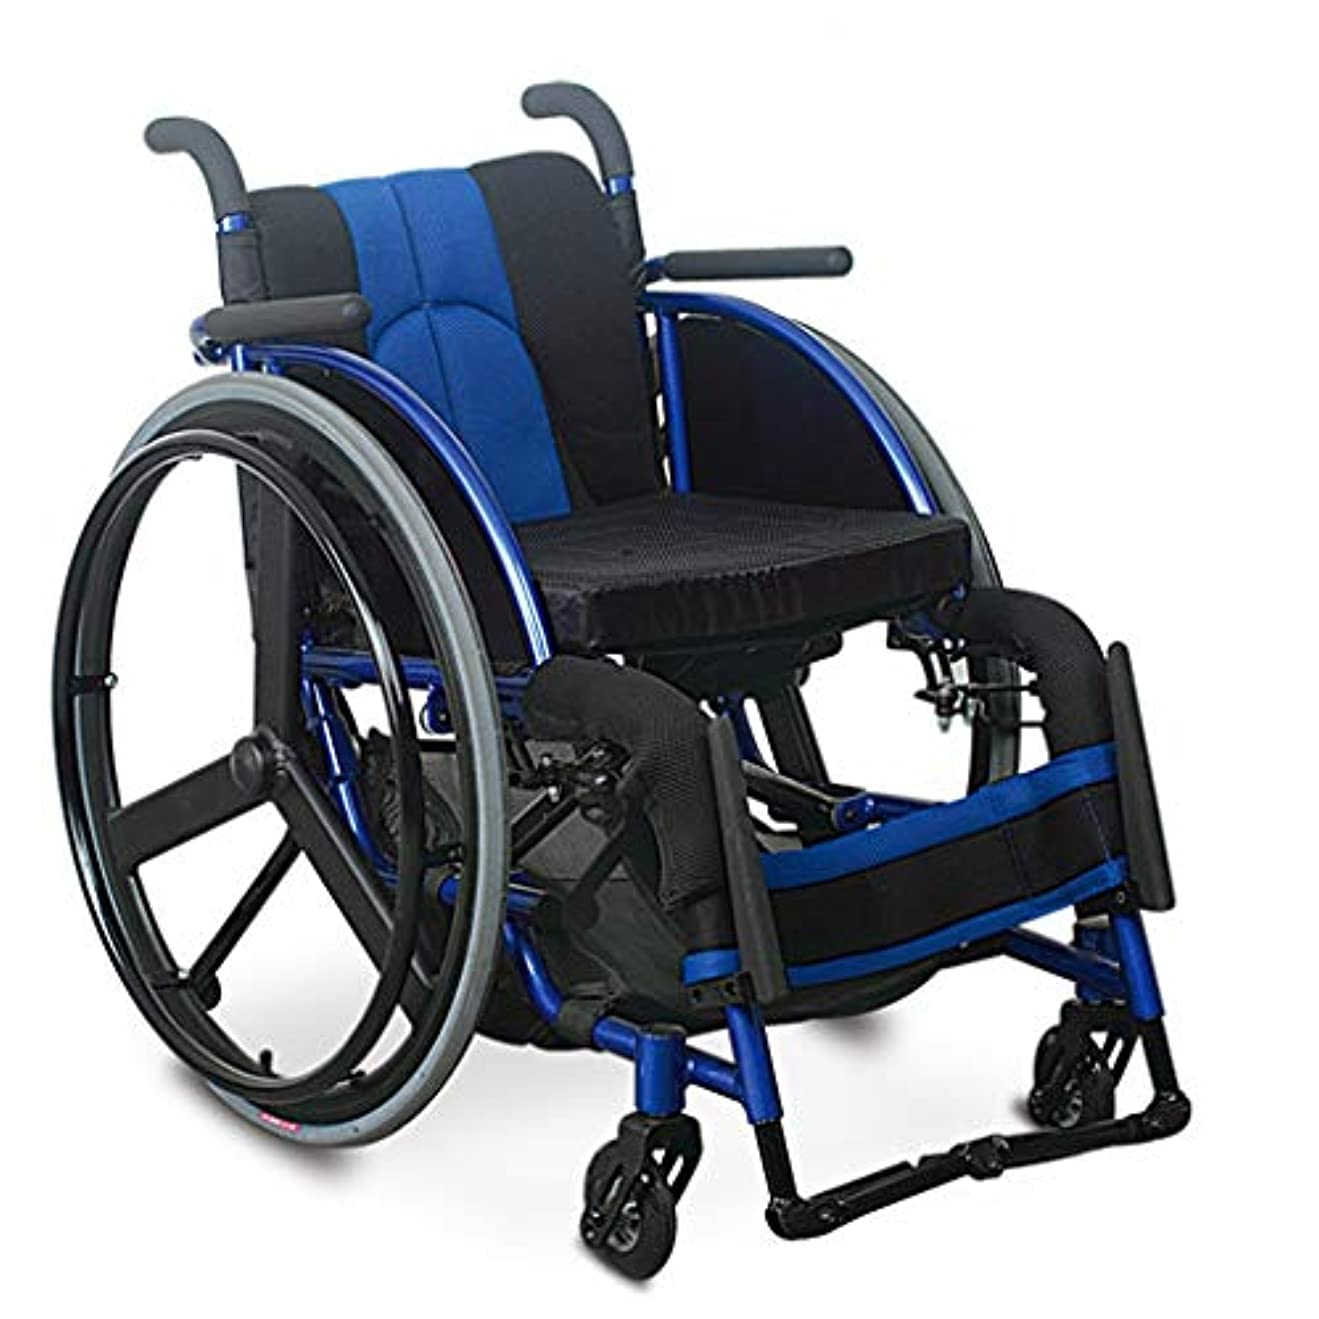 ボルト形成褒賞車椅子折りたたみ、PUミリオンフロントホイール、高齢者障害者用車椅子トロリー